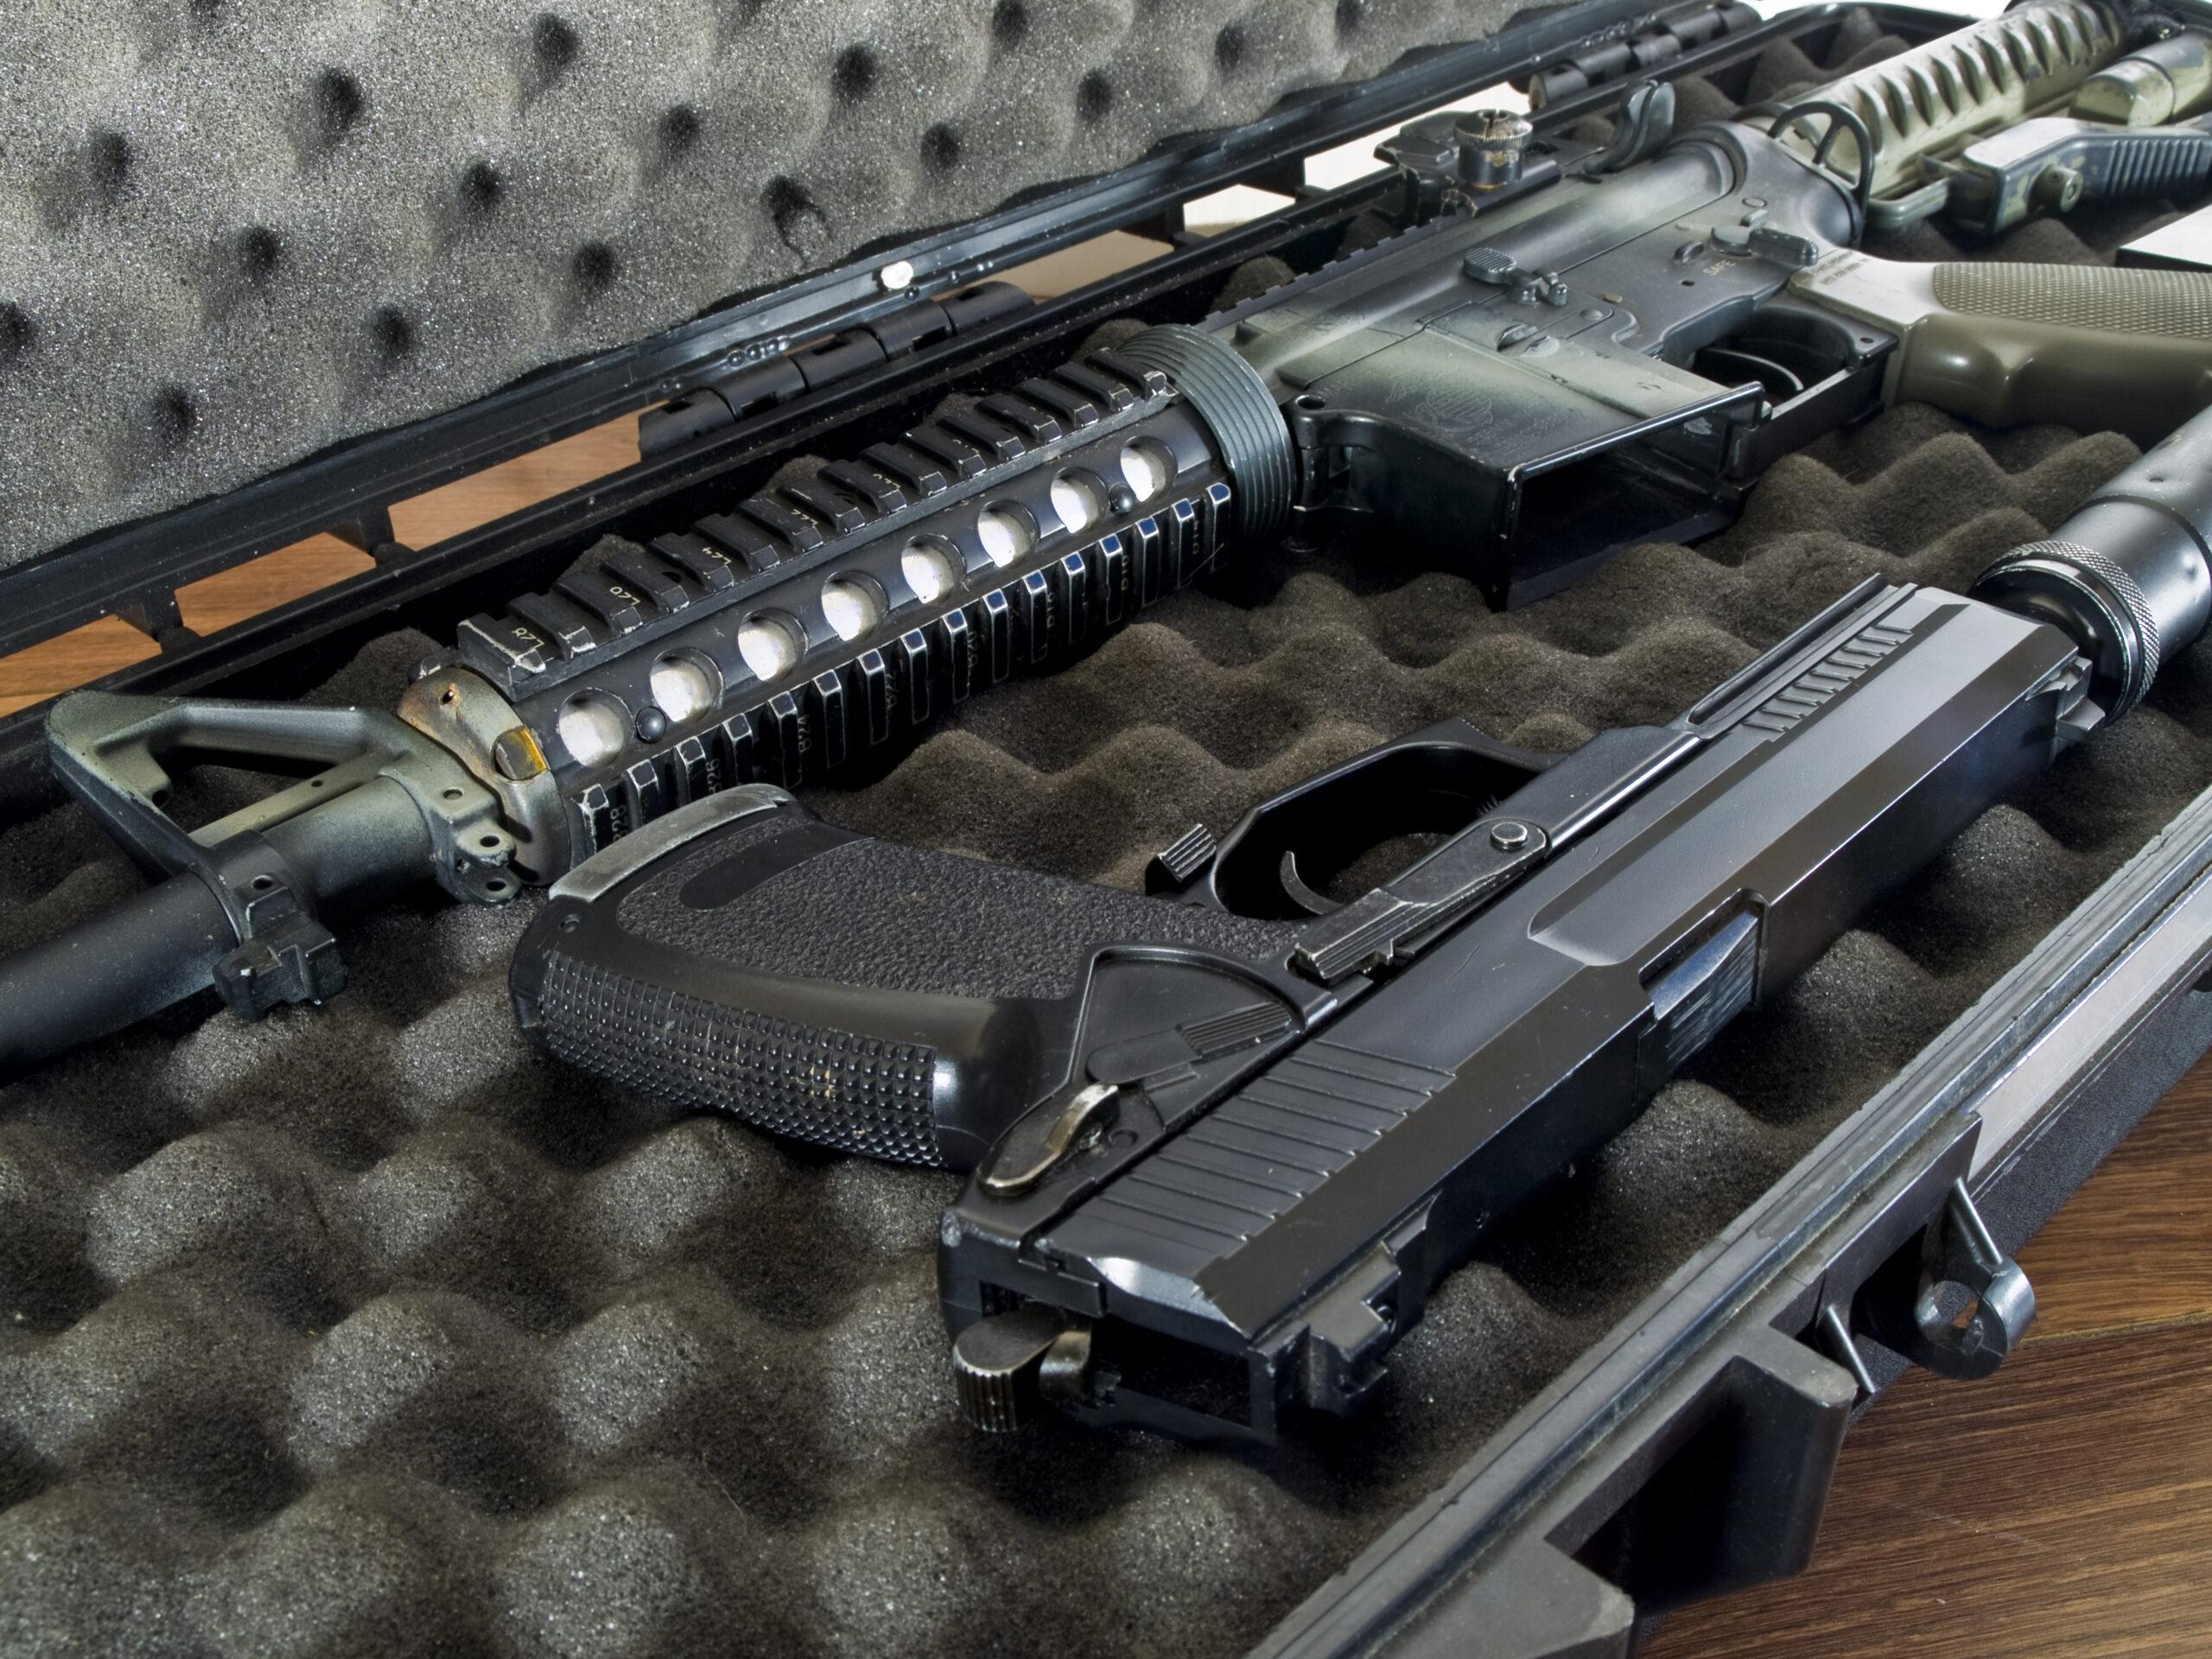 firearm rust prevention